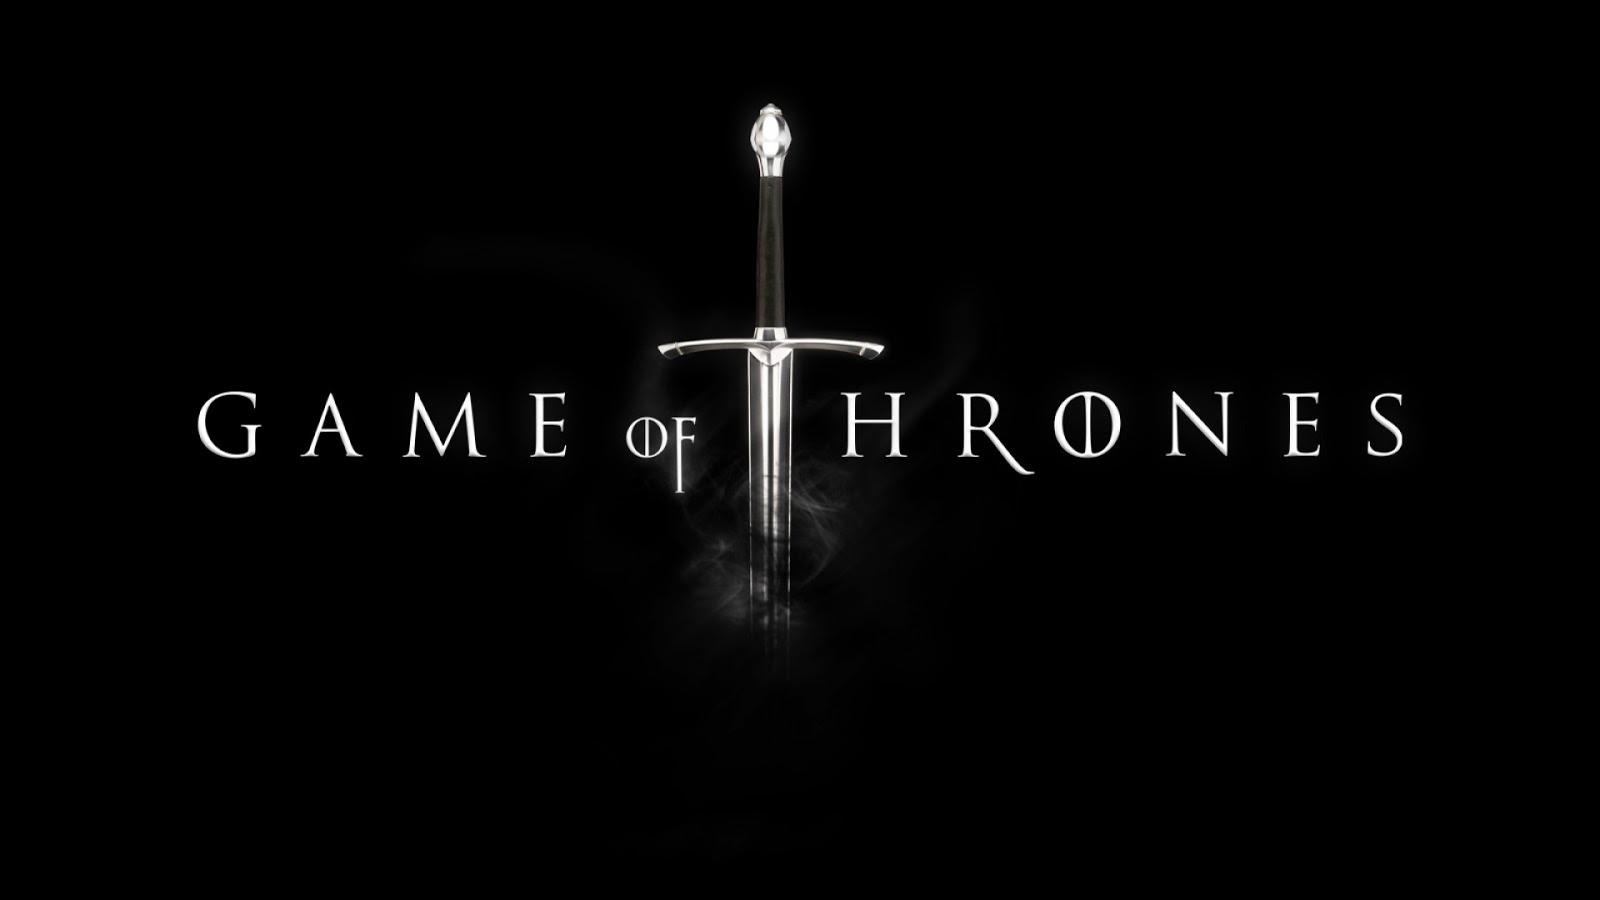 Ansiosos para o retorno de Game of Thrones? Confira algumas curiosidades